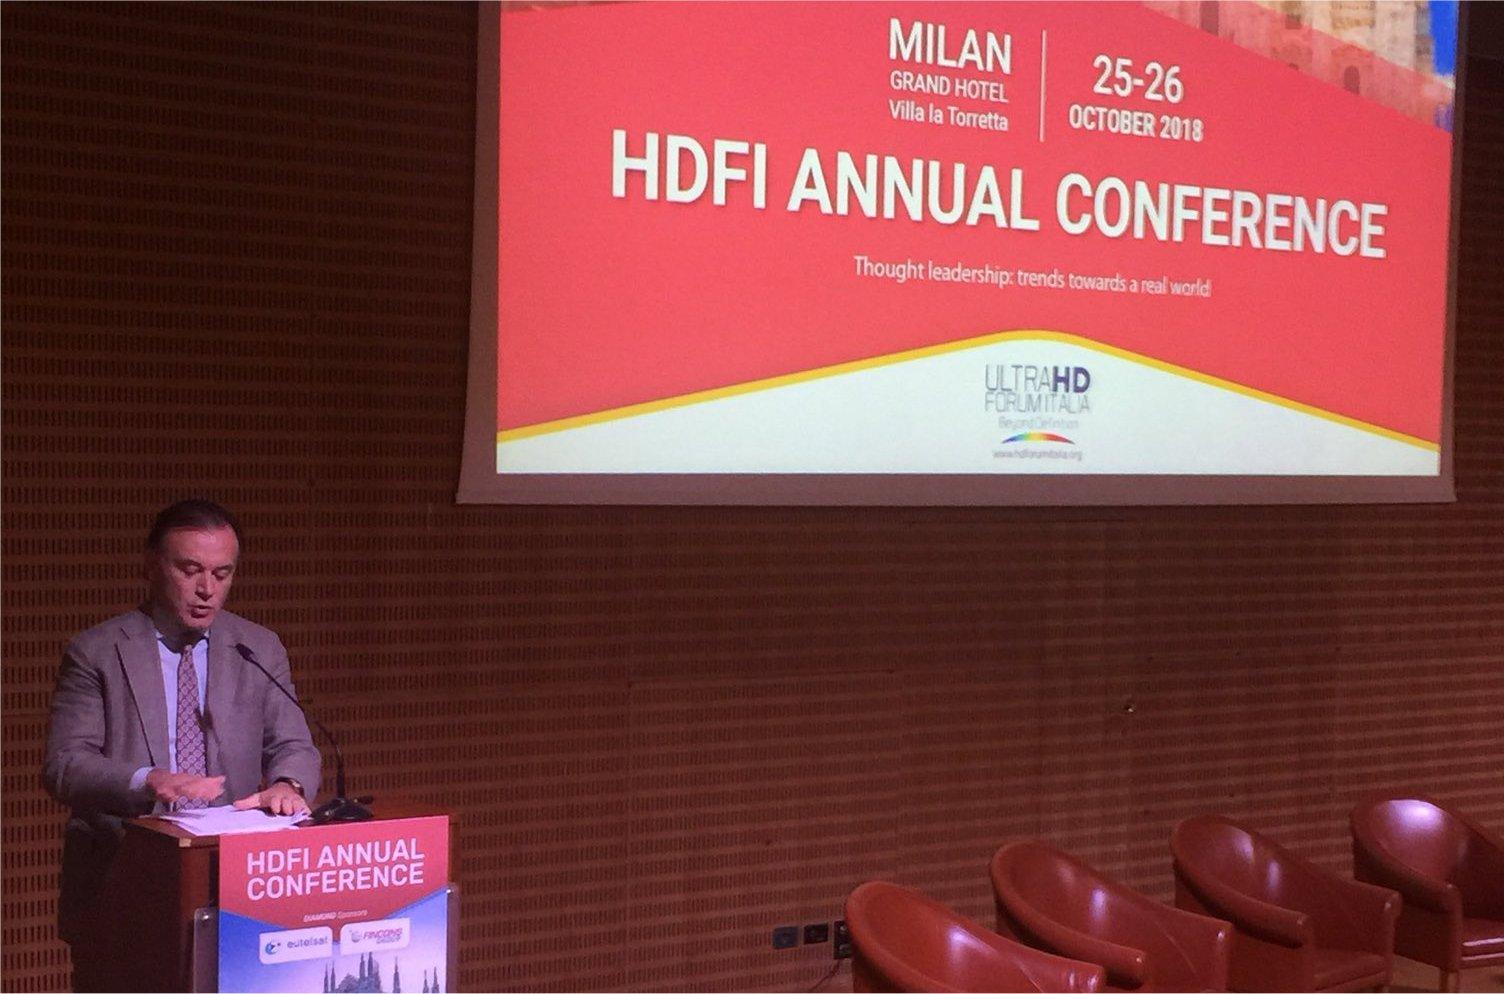 Martusciello (Agcom): «Tv digitale nel contesto multipiattaforma»